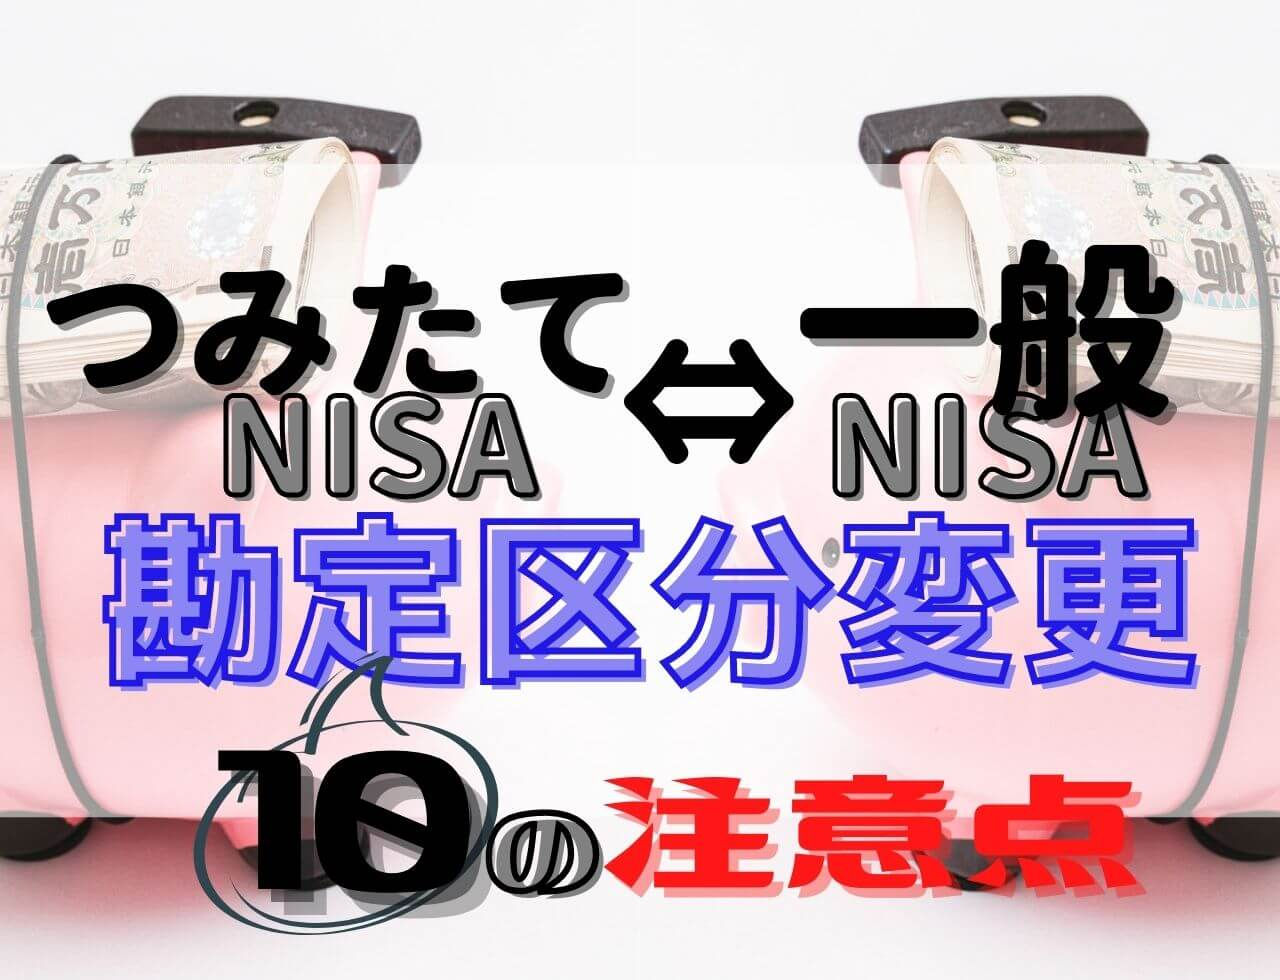 つみたてNISA⇔一般NISAの勘定区分変更で注意すべき10のこと